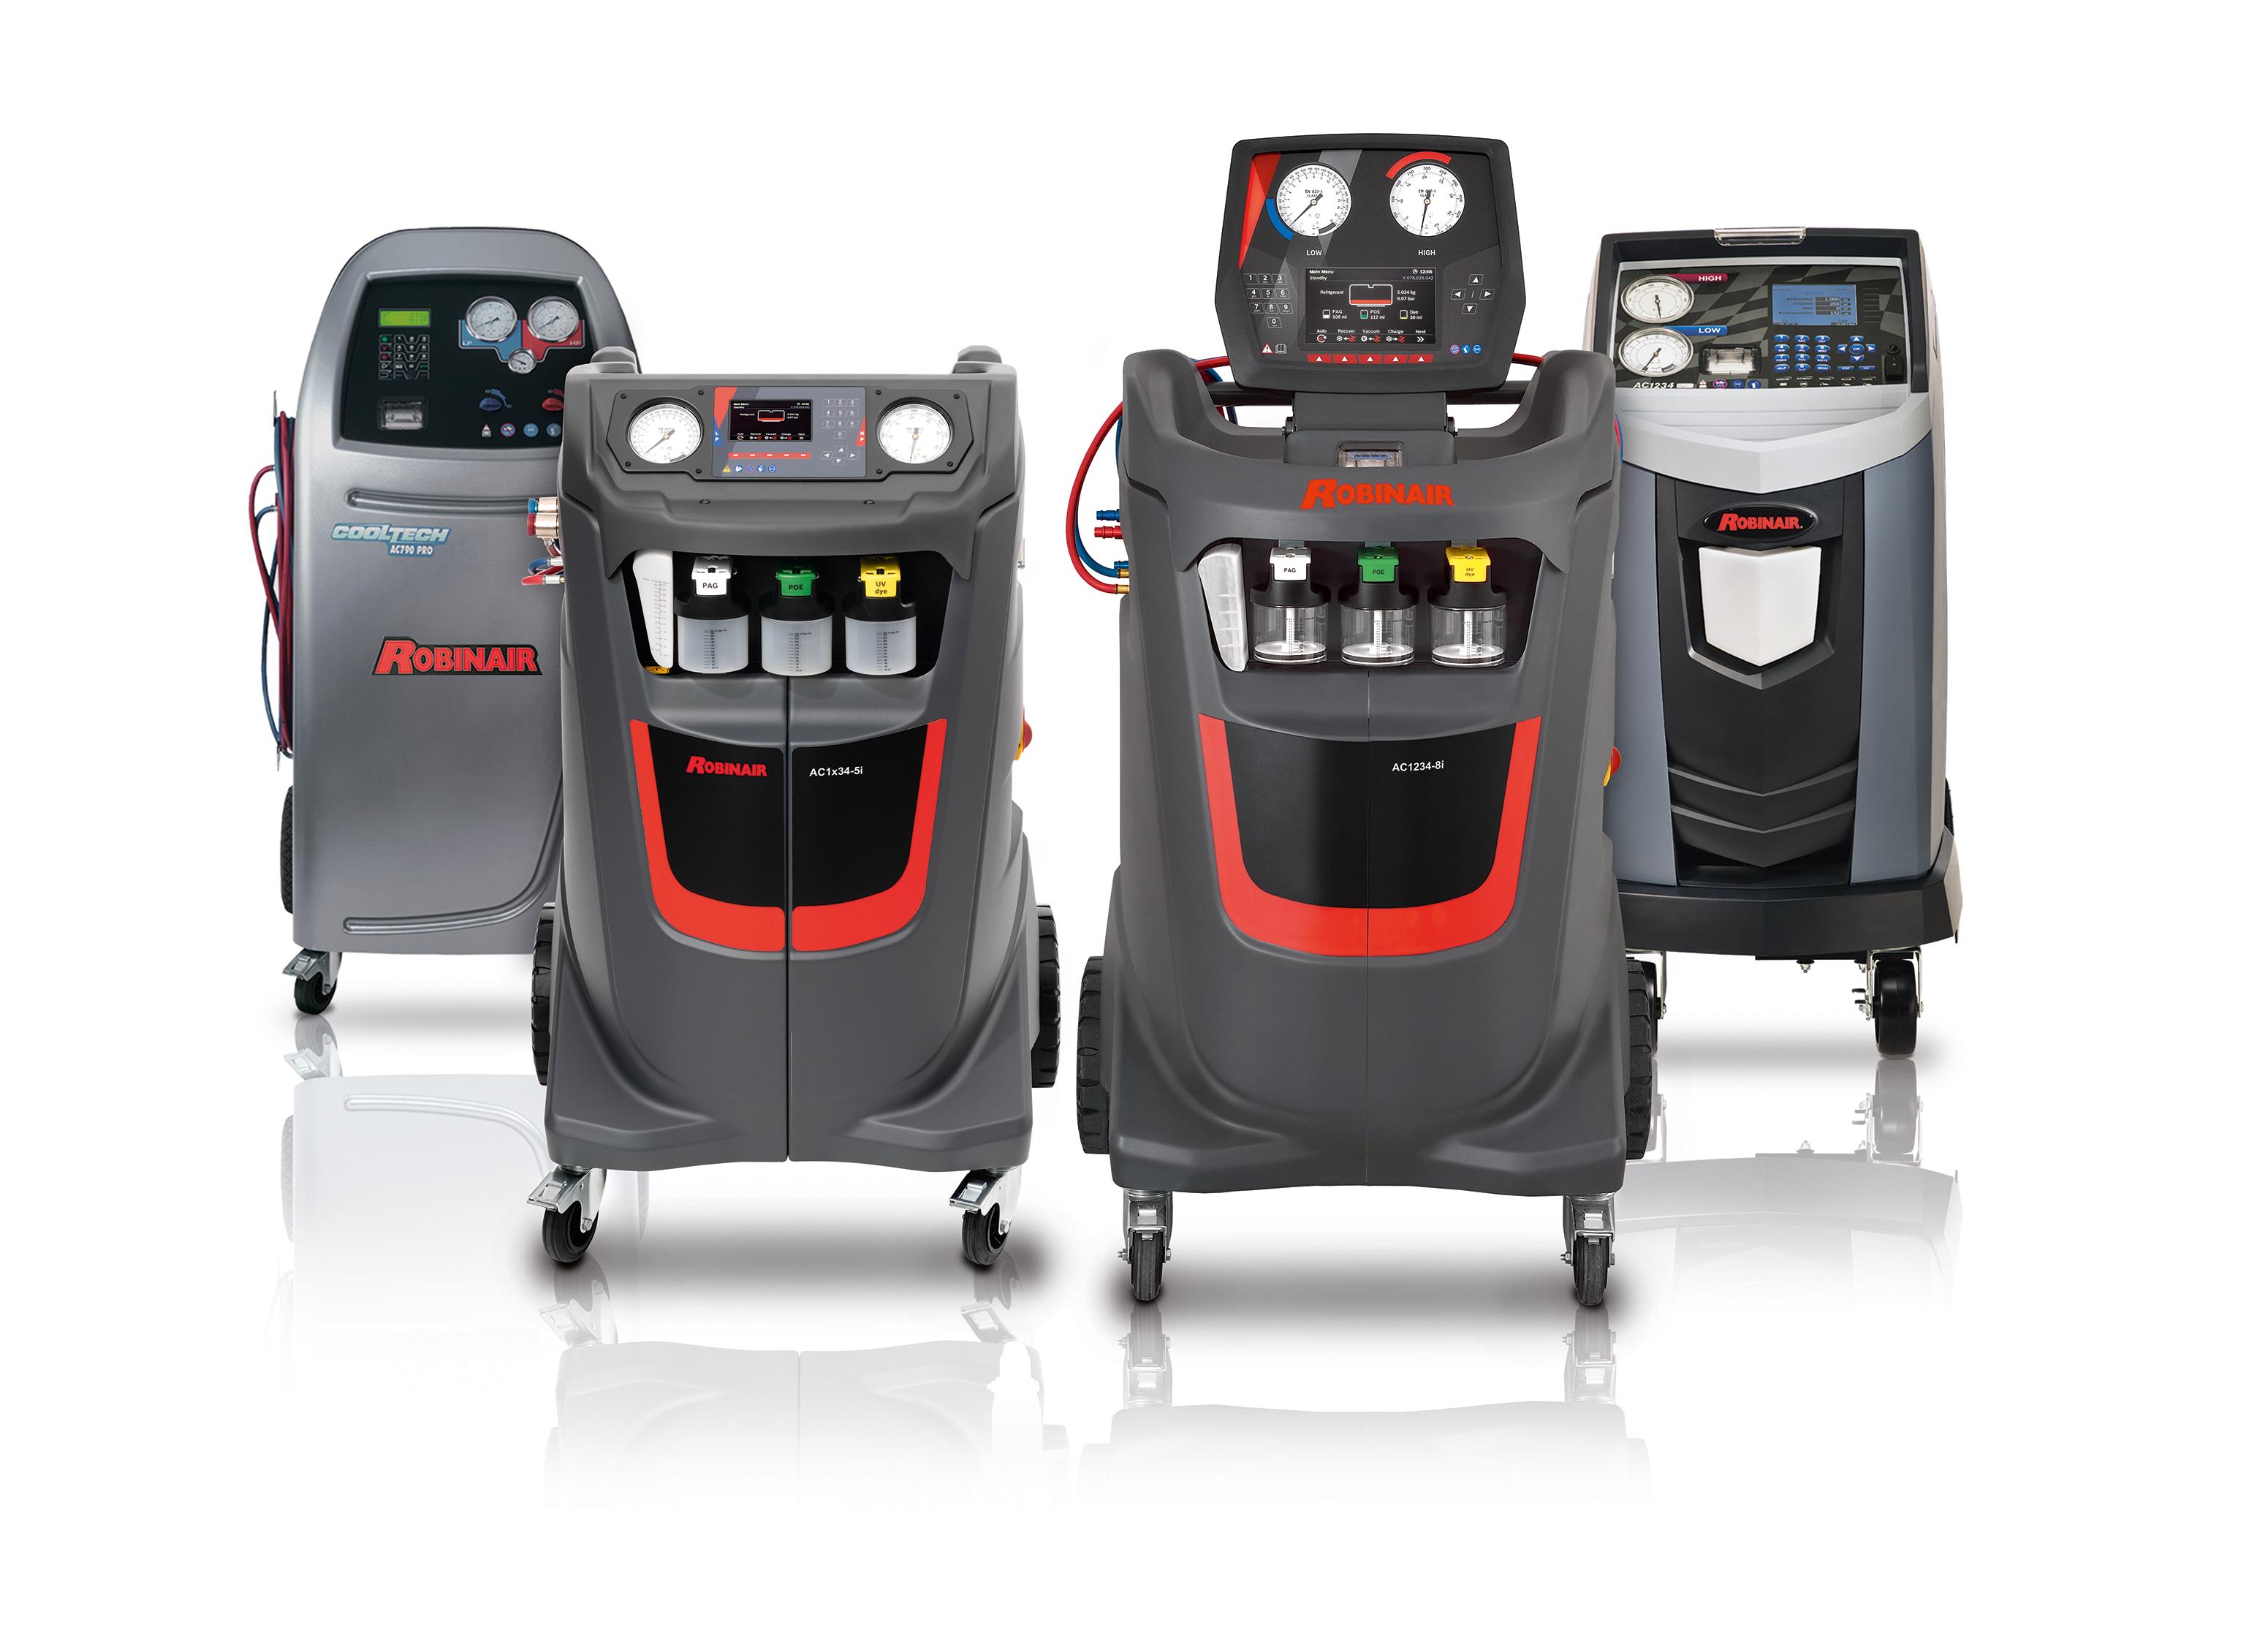 Robinair, specialista dei servizi di climatizzazione, presenta un'ampia gamma che va dalle unità di servizio entry-level alla fascia alta di gamma